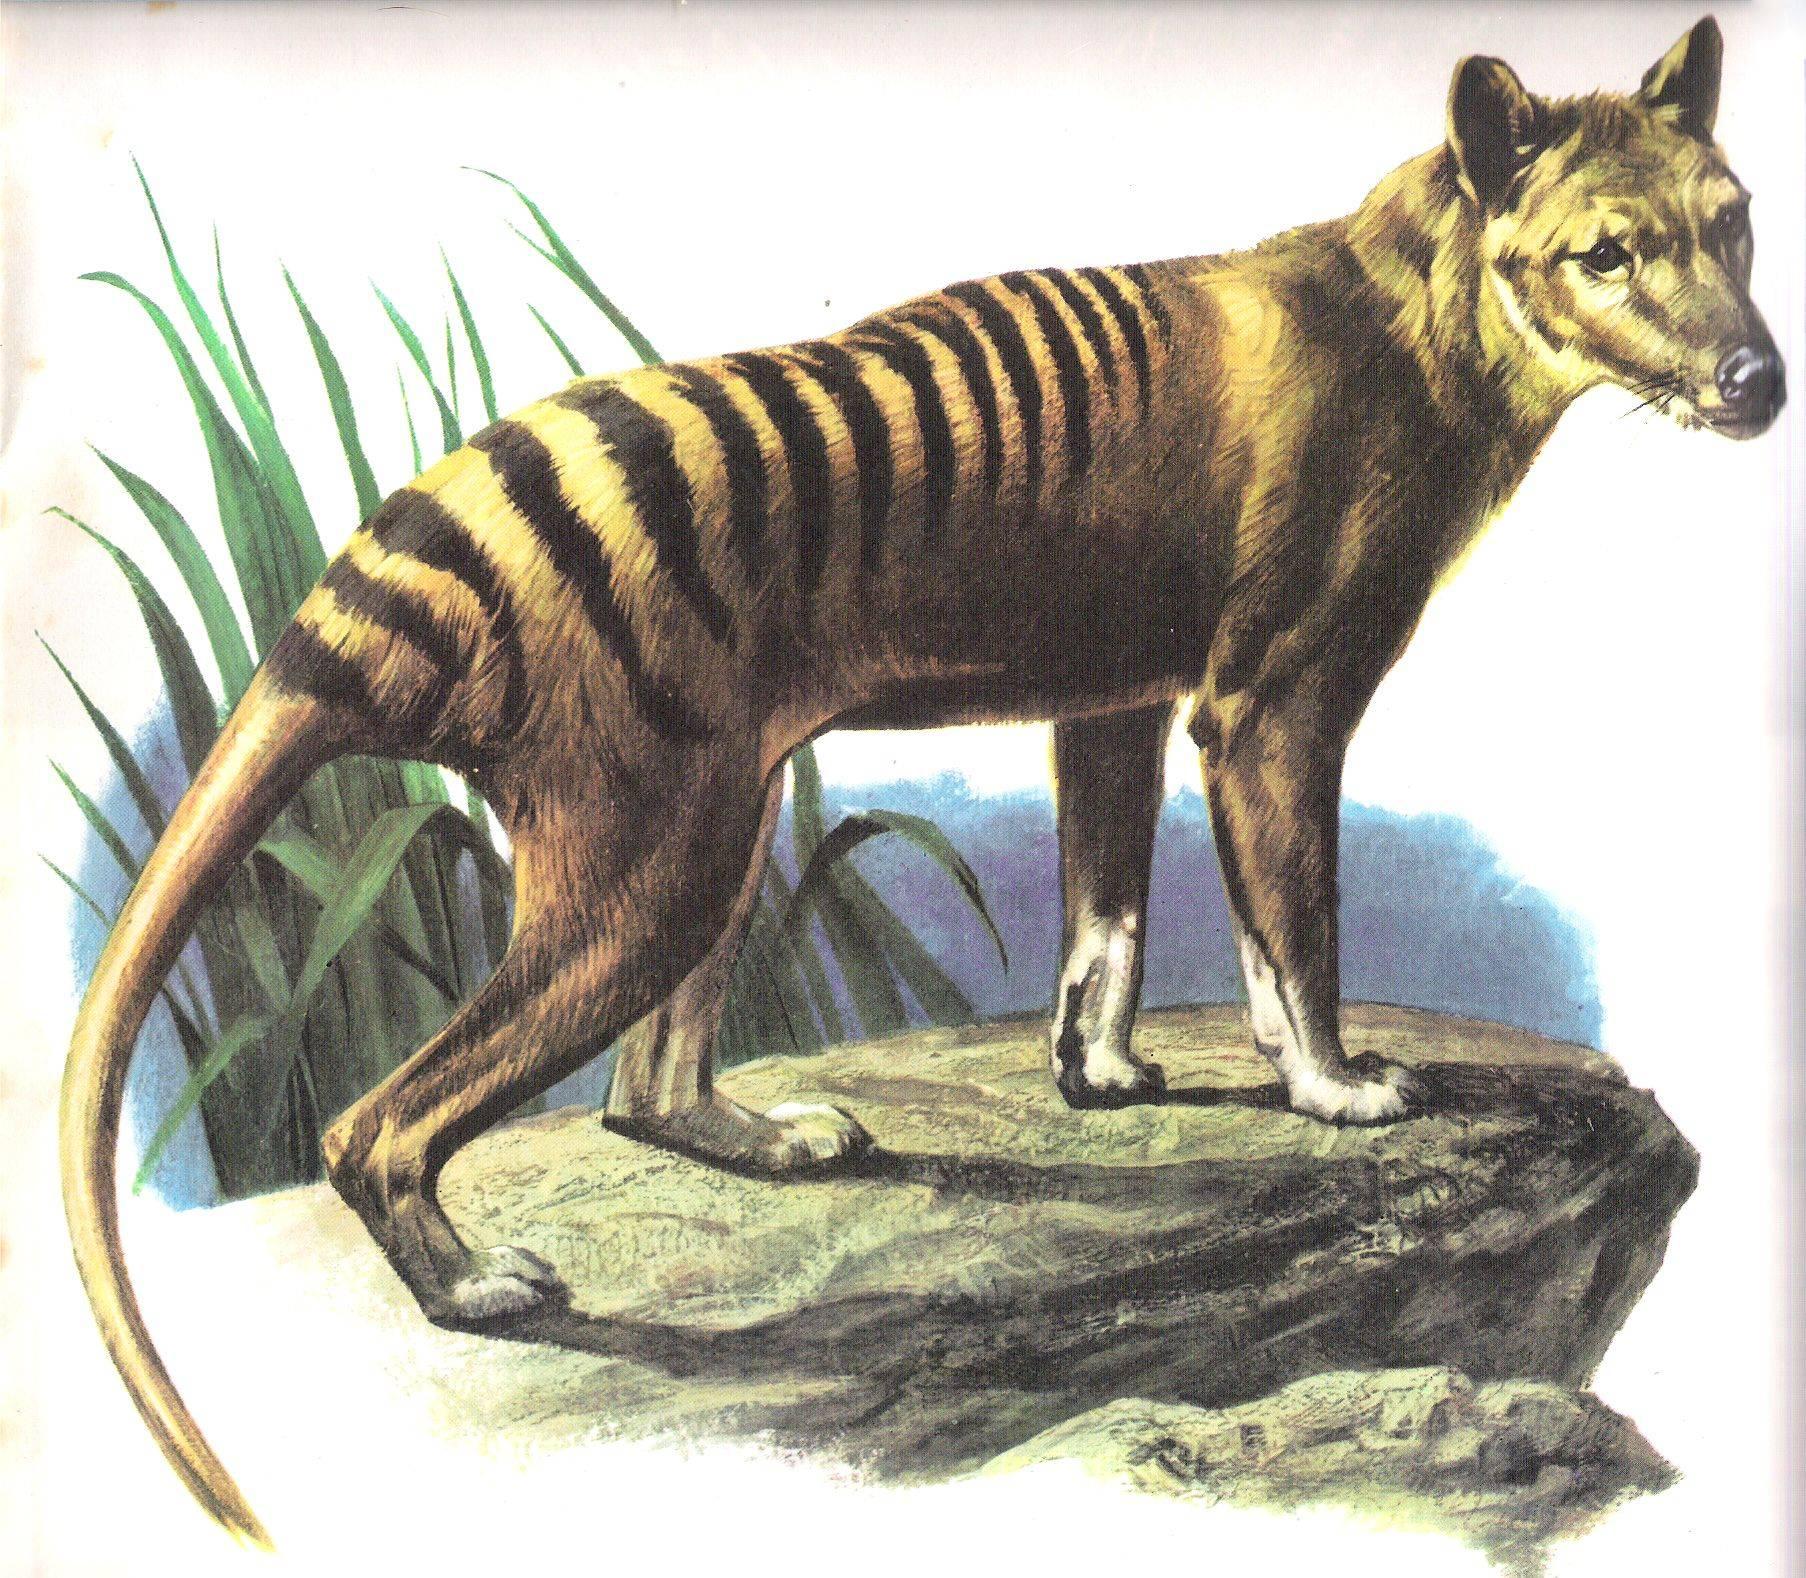 Increíble: Animal supuestamente extinto hace 80 años ha sido visto 8 veces